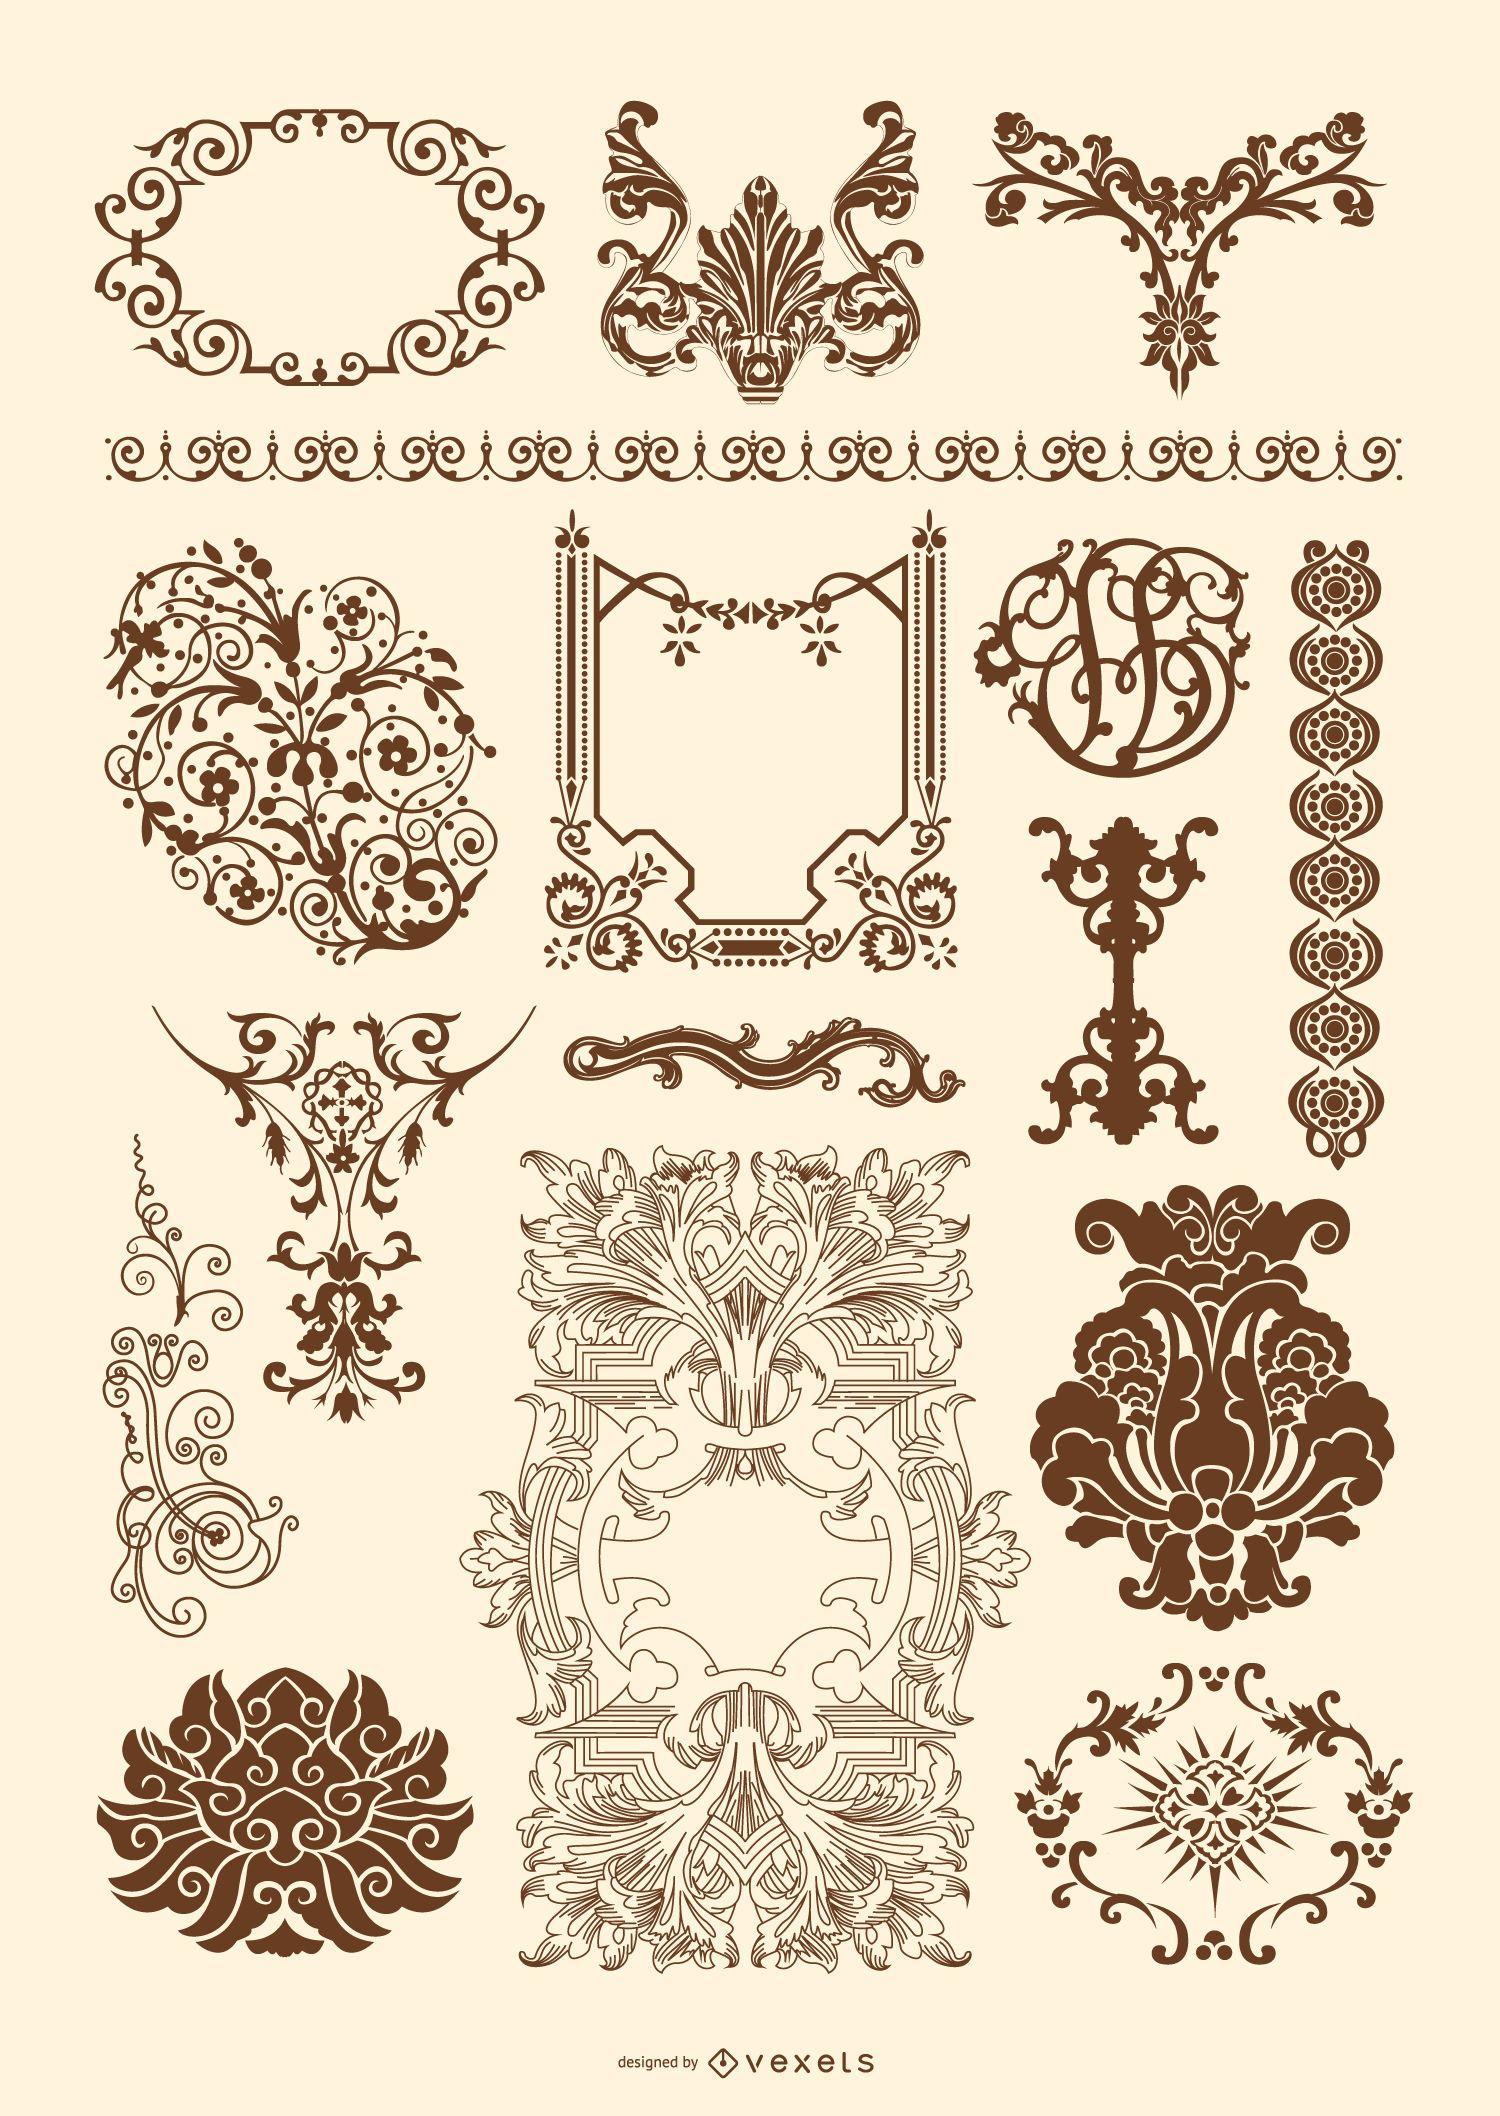 Conjunto victoriano y rococó ornamento - Descargar vector